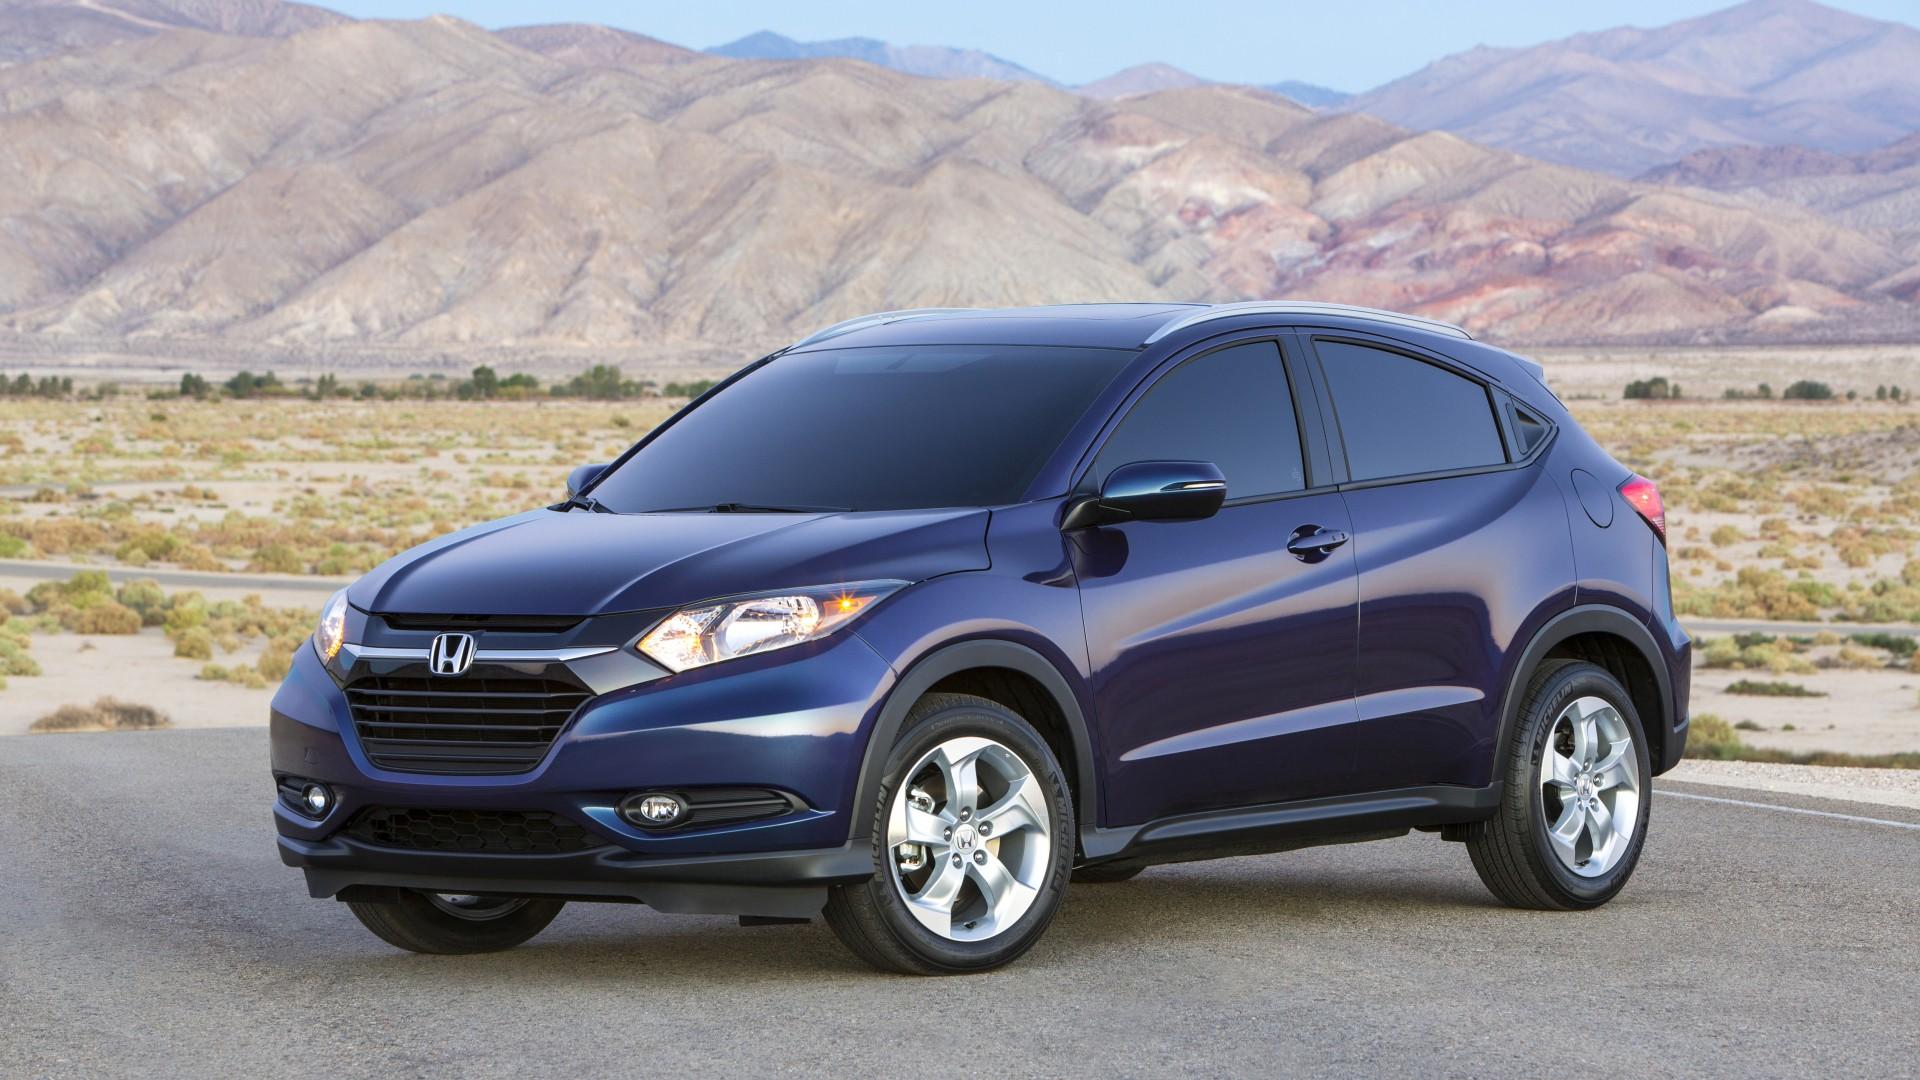 Wallpaper Honda HR-V, Vezel, 2015 cars, crossover, SUV ...